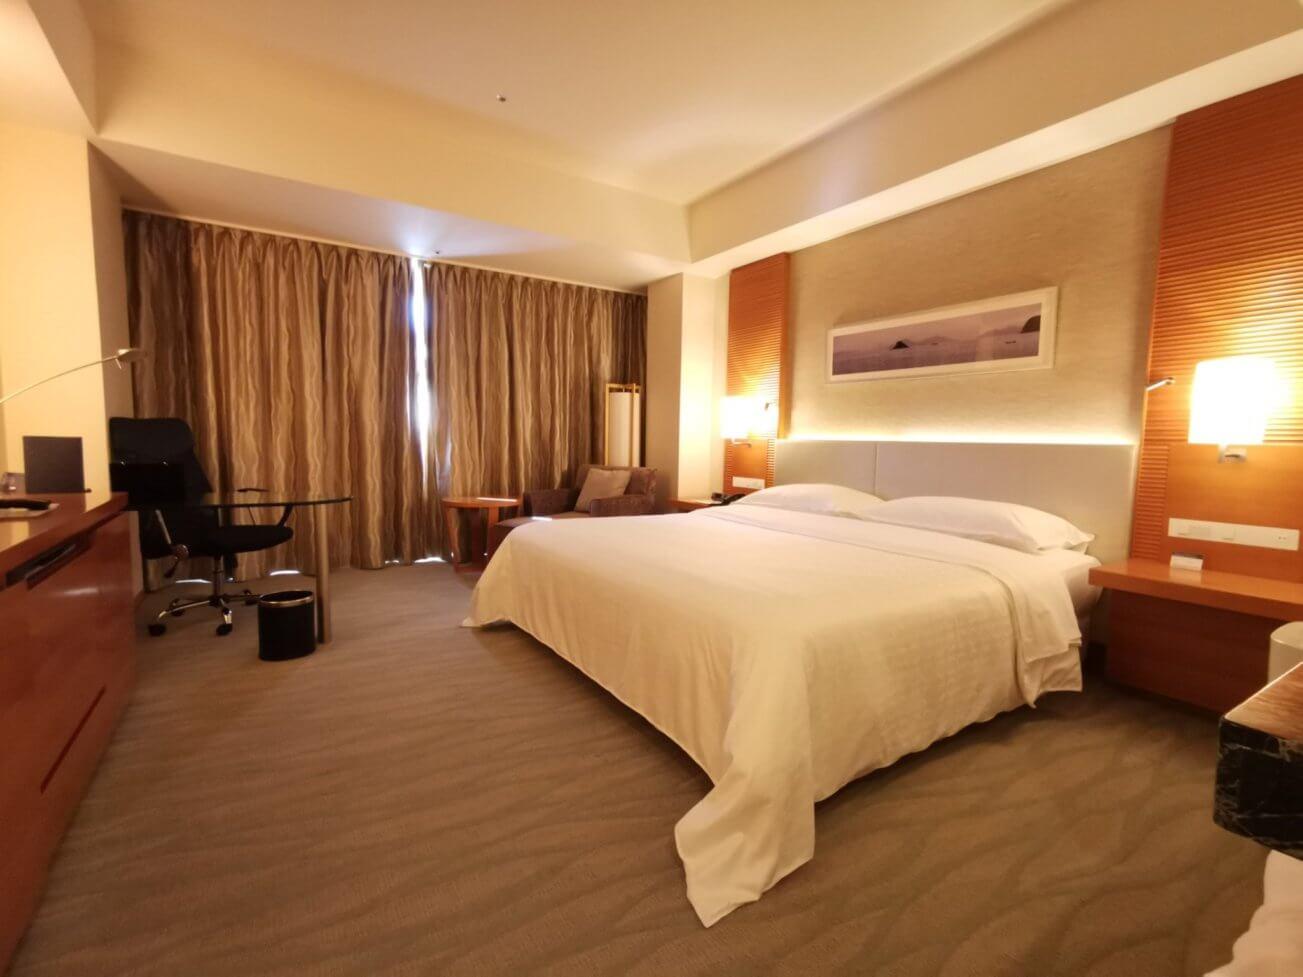 シェラトンホテル宿泊